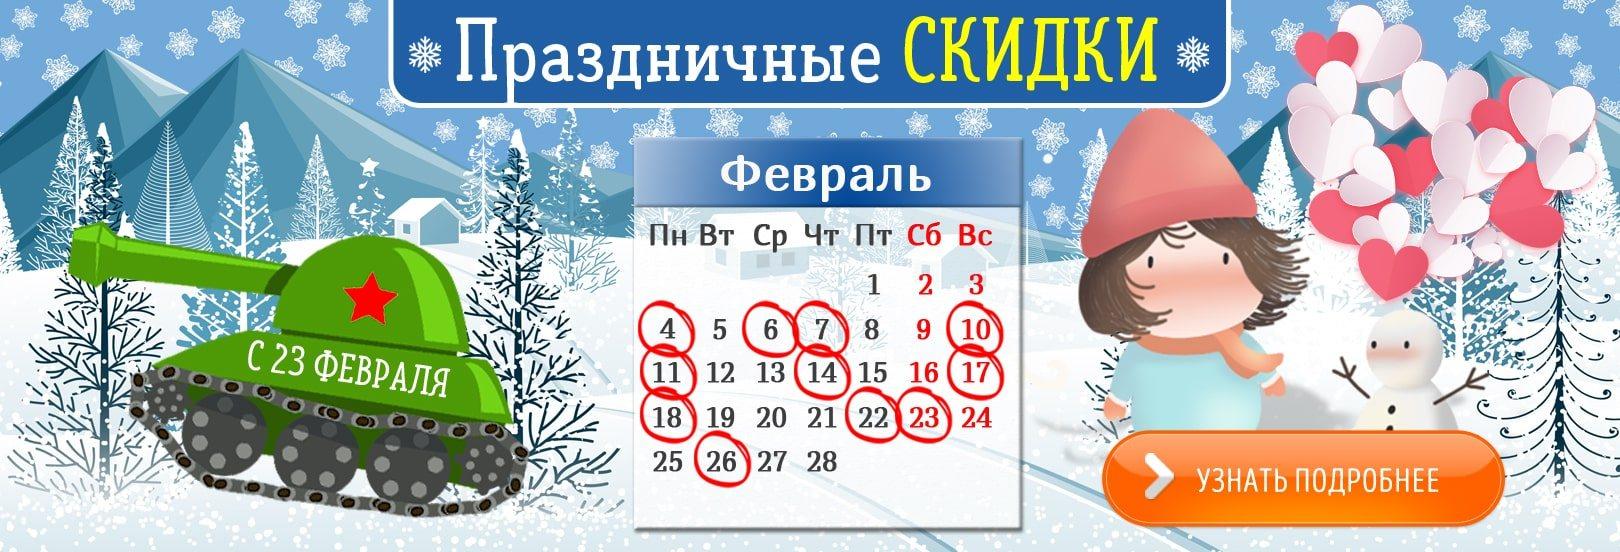 Праздничные% - 02.19